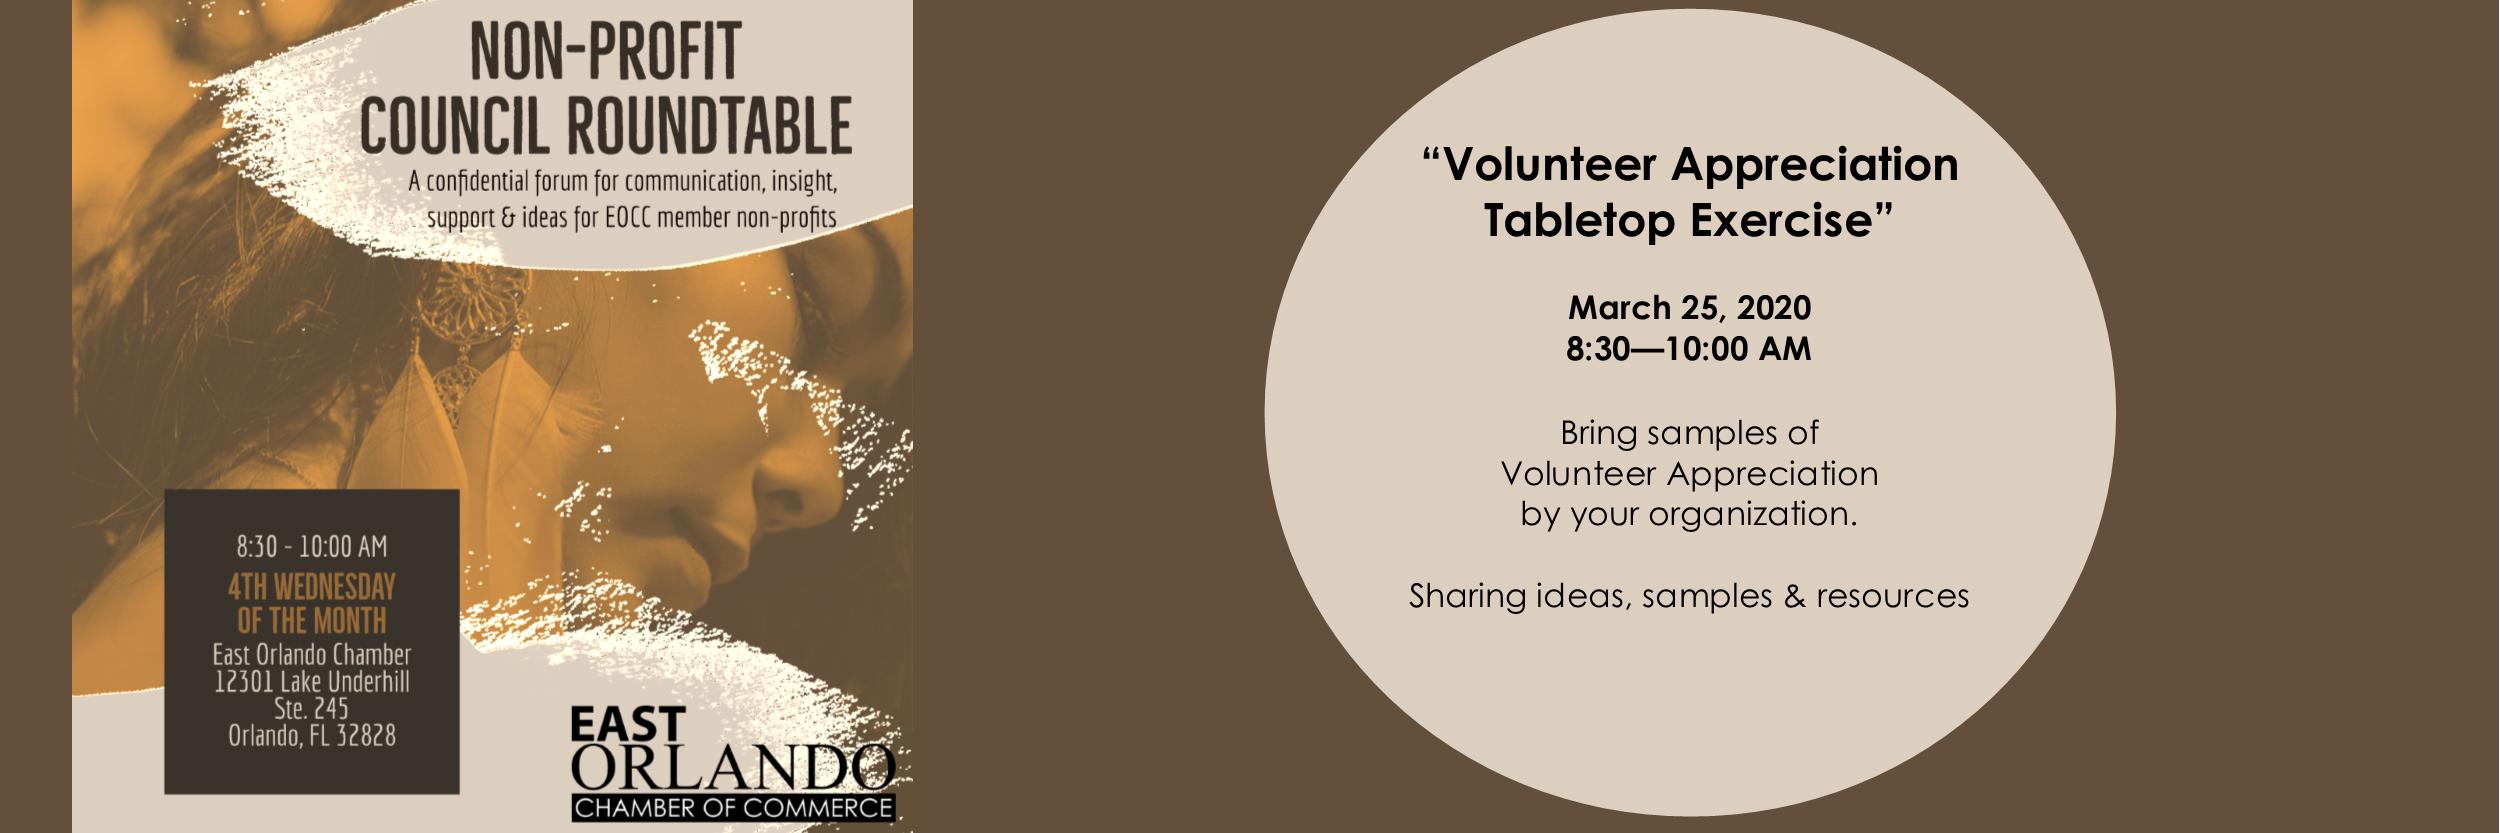 Non-Profit Roundtable - Volunteer Appreciation